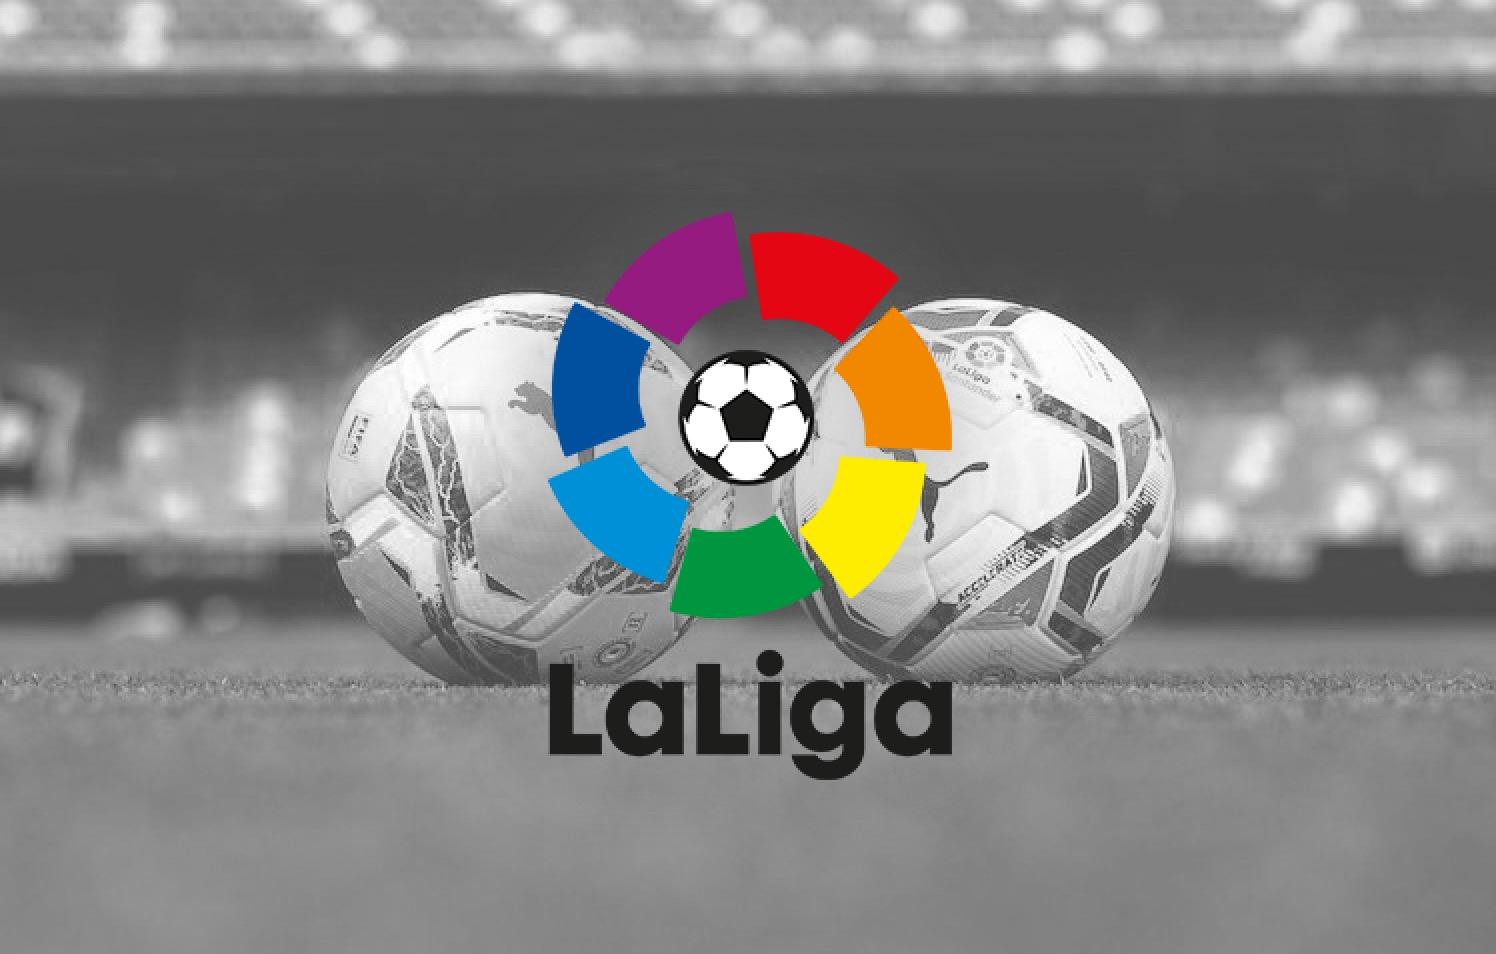 Calendrier Barcelone 2021 Calendrier Liga 2020 21 : le Real Madrid débutera en deuxième journée